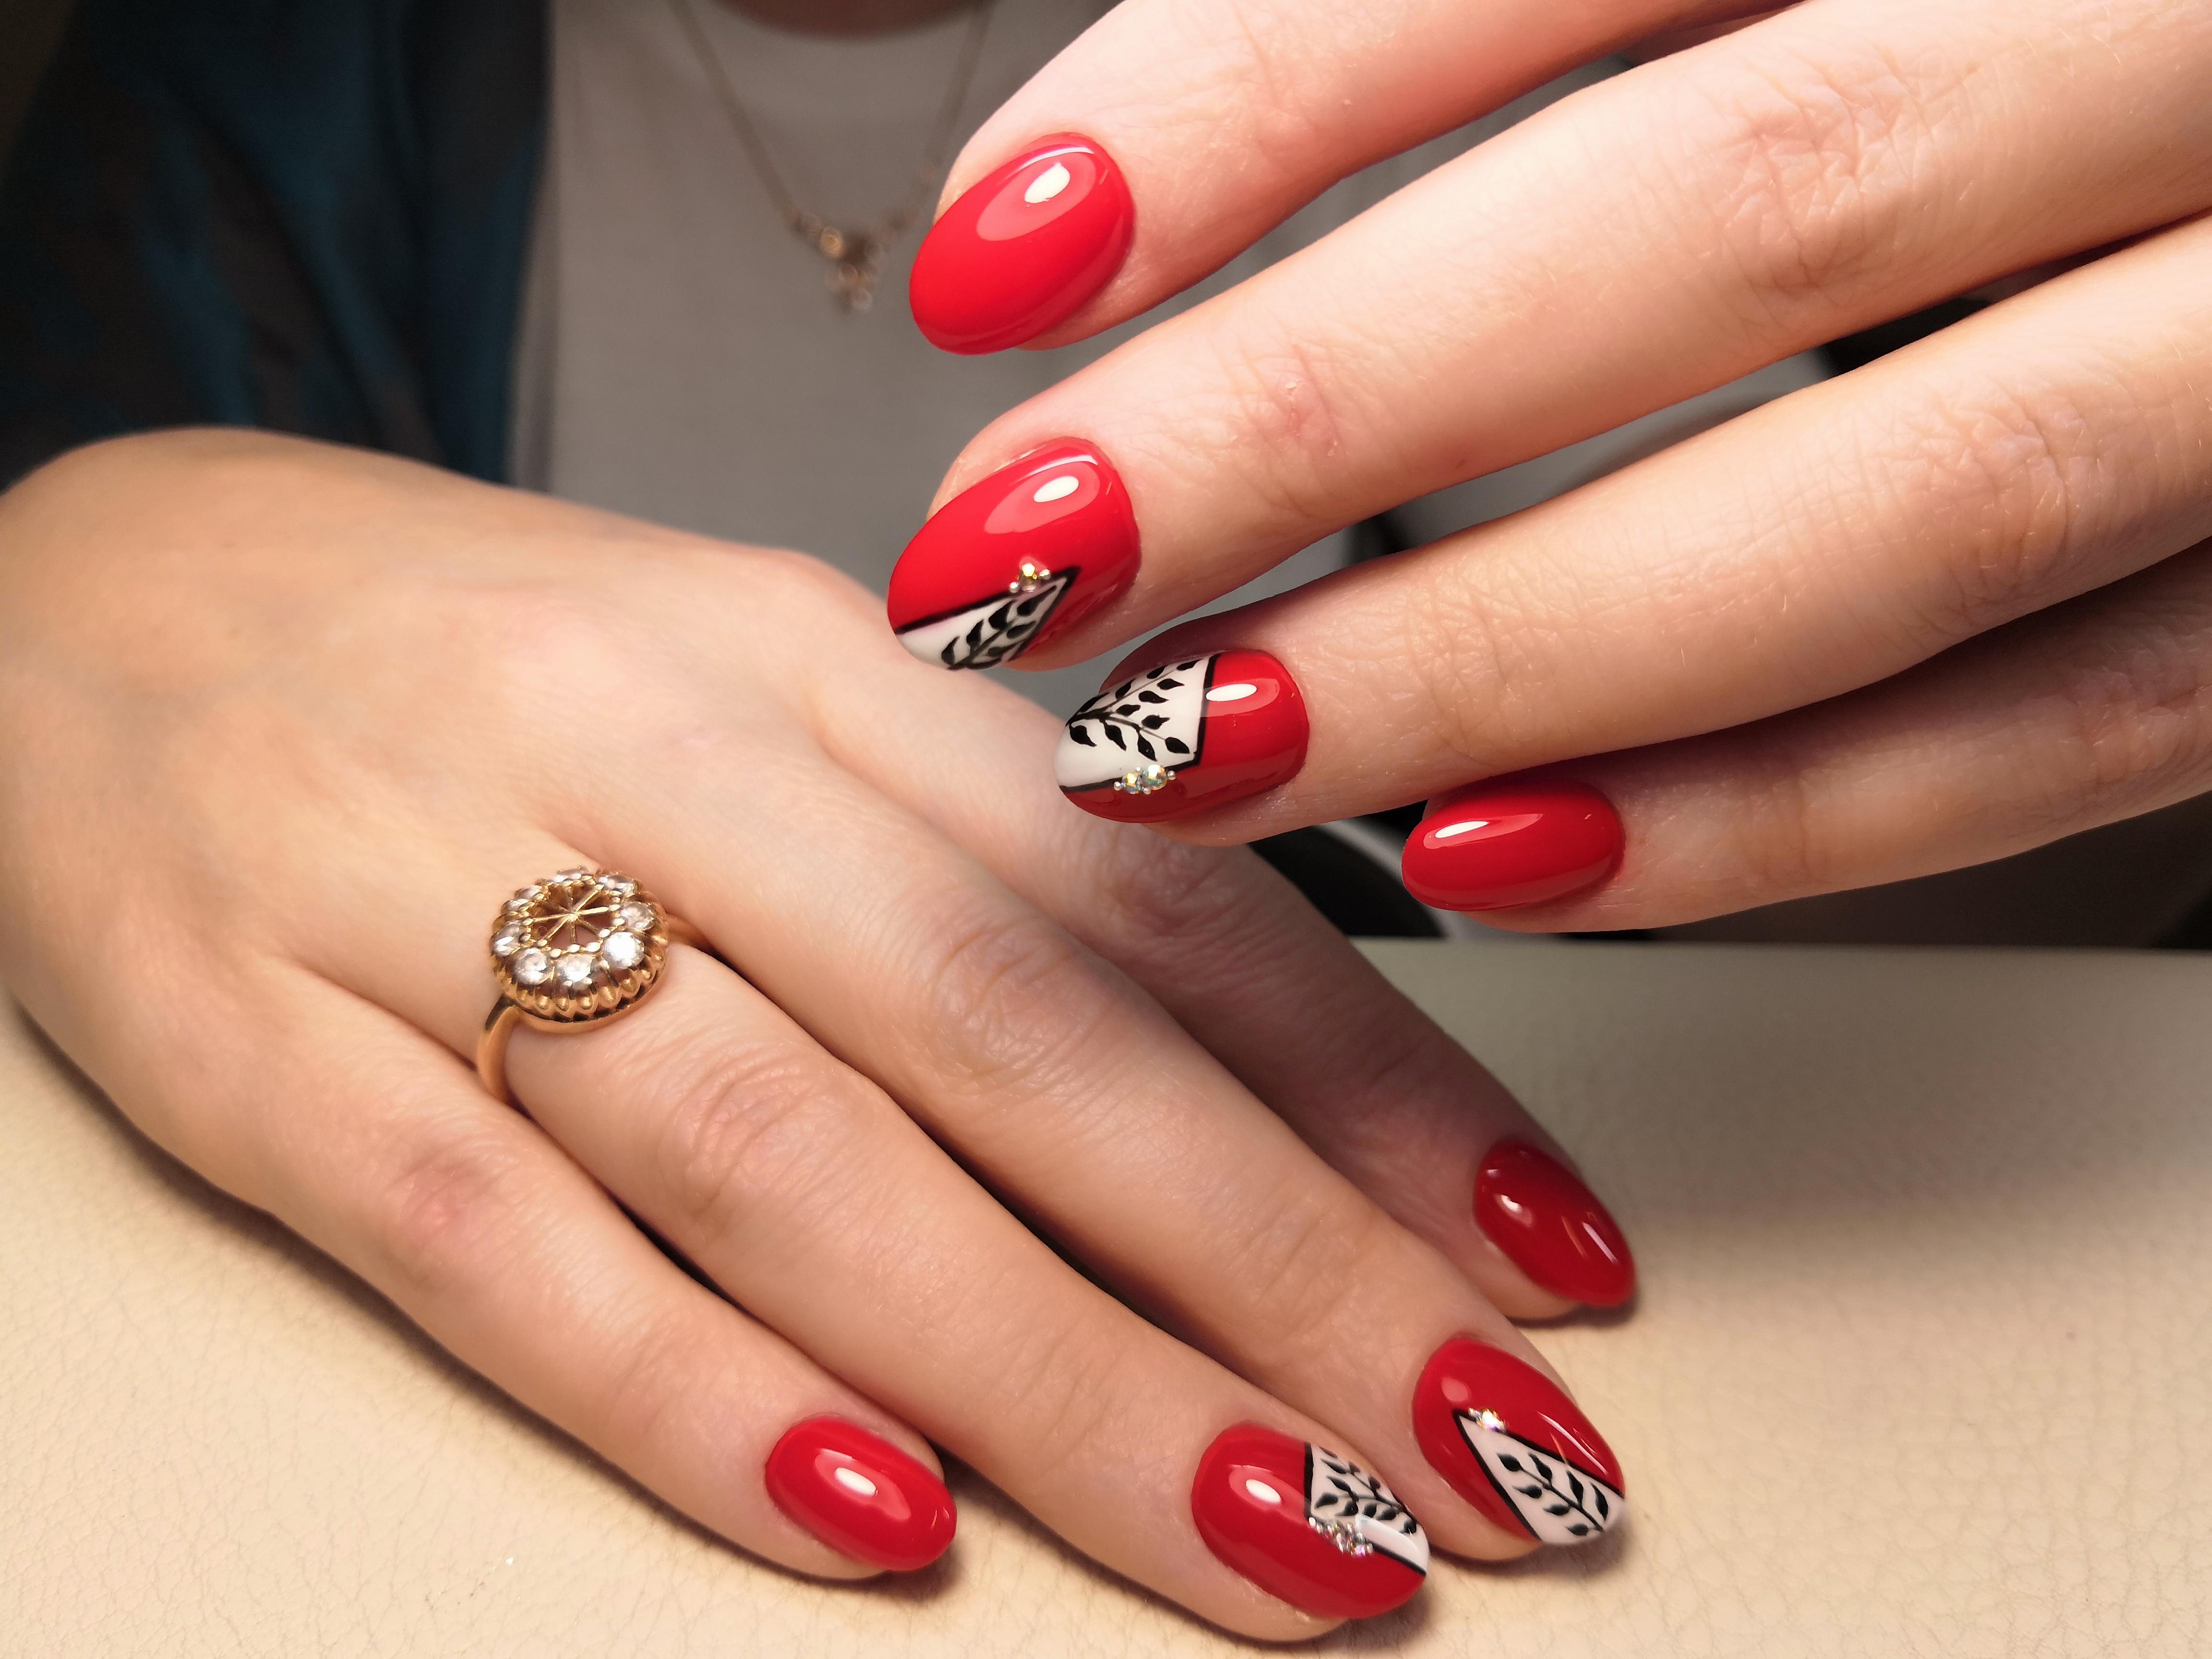 Маникюр в красном цвете с контрастным геометрическим дизайном и растительными рисунками.